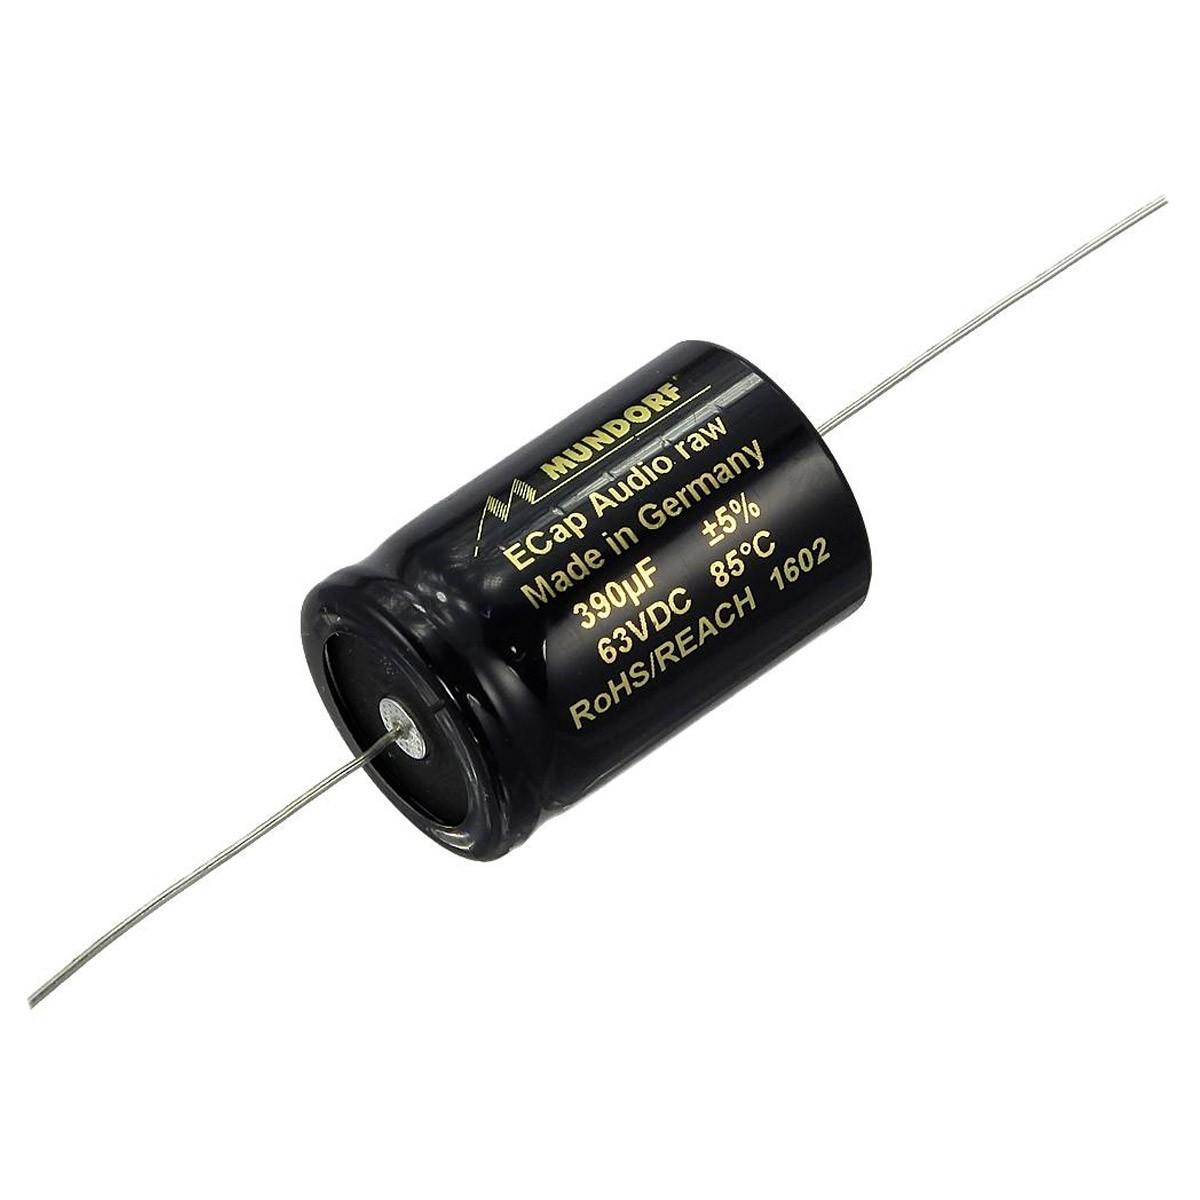 MUNDORF E-CAP ECAP63 (BR63) RAW Capacitor 560μF